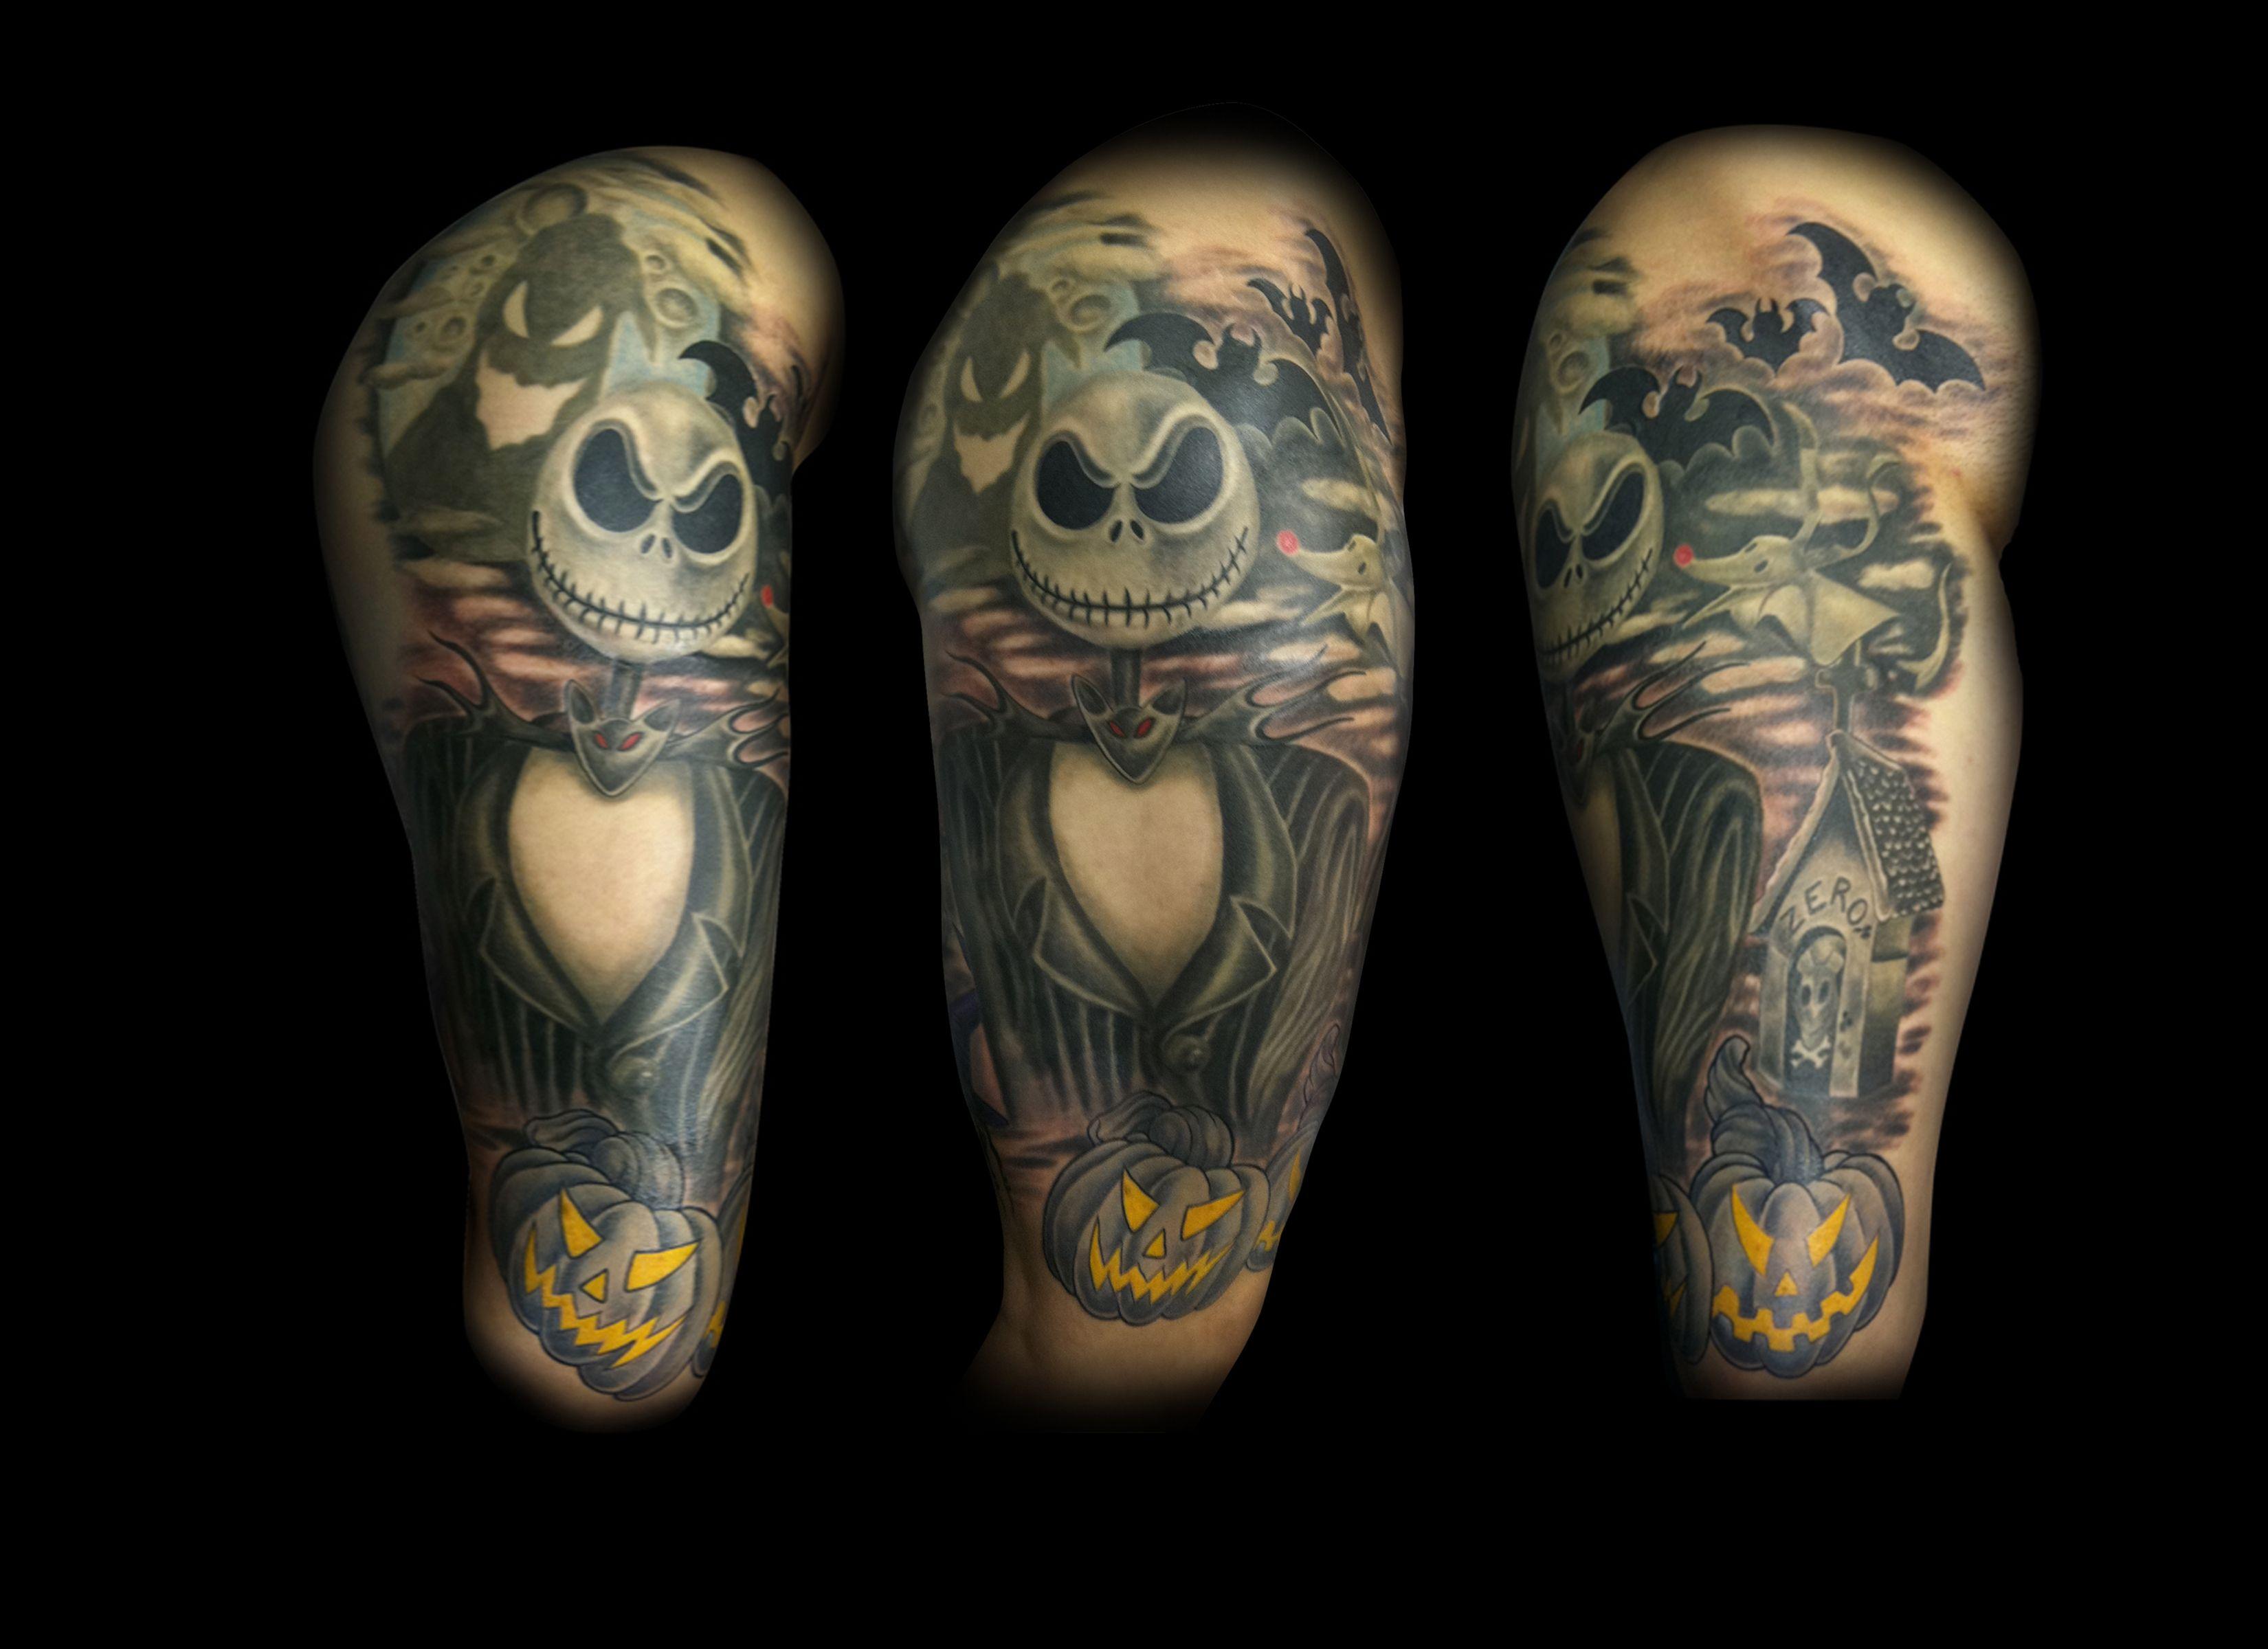 Nightmare Before Christmas tattoo by Matt Skin | Tattoos by Matt ...